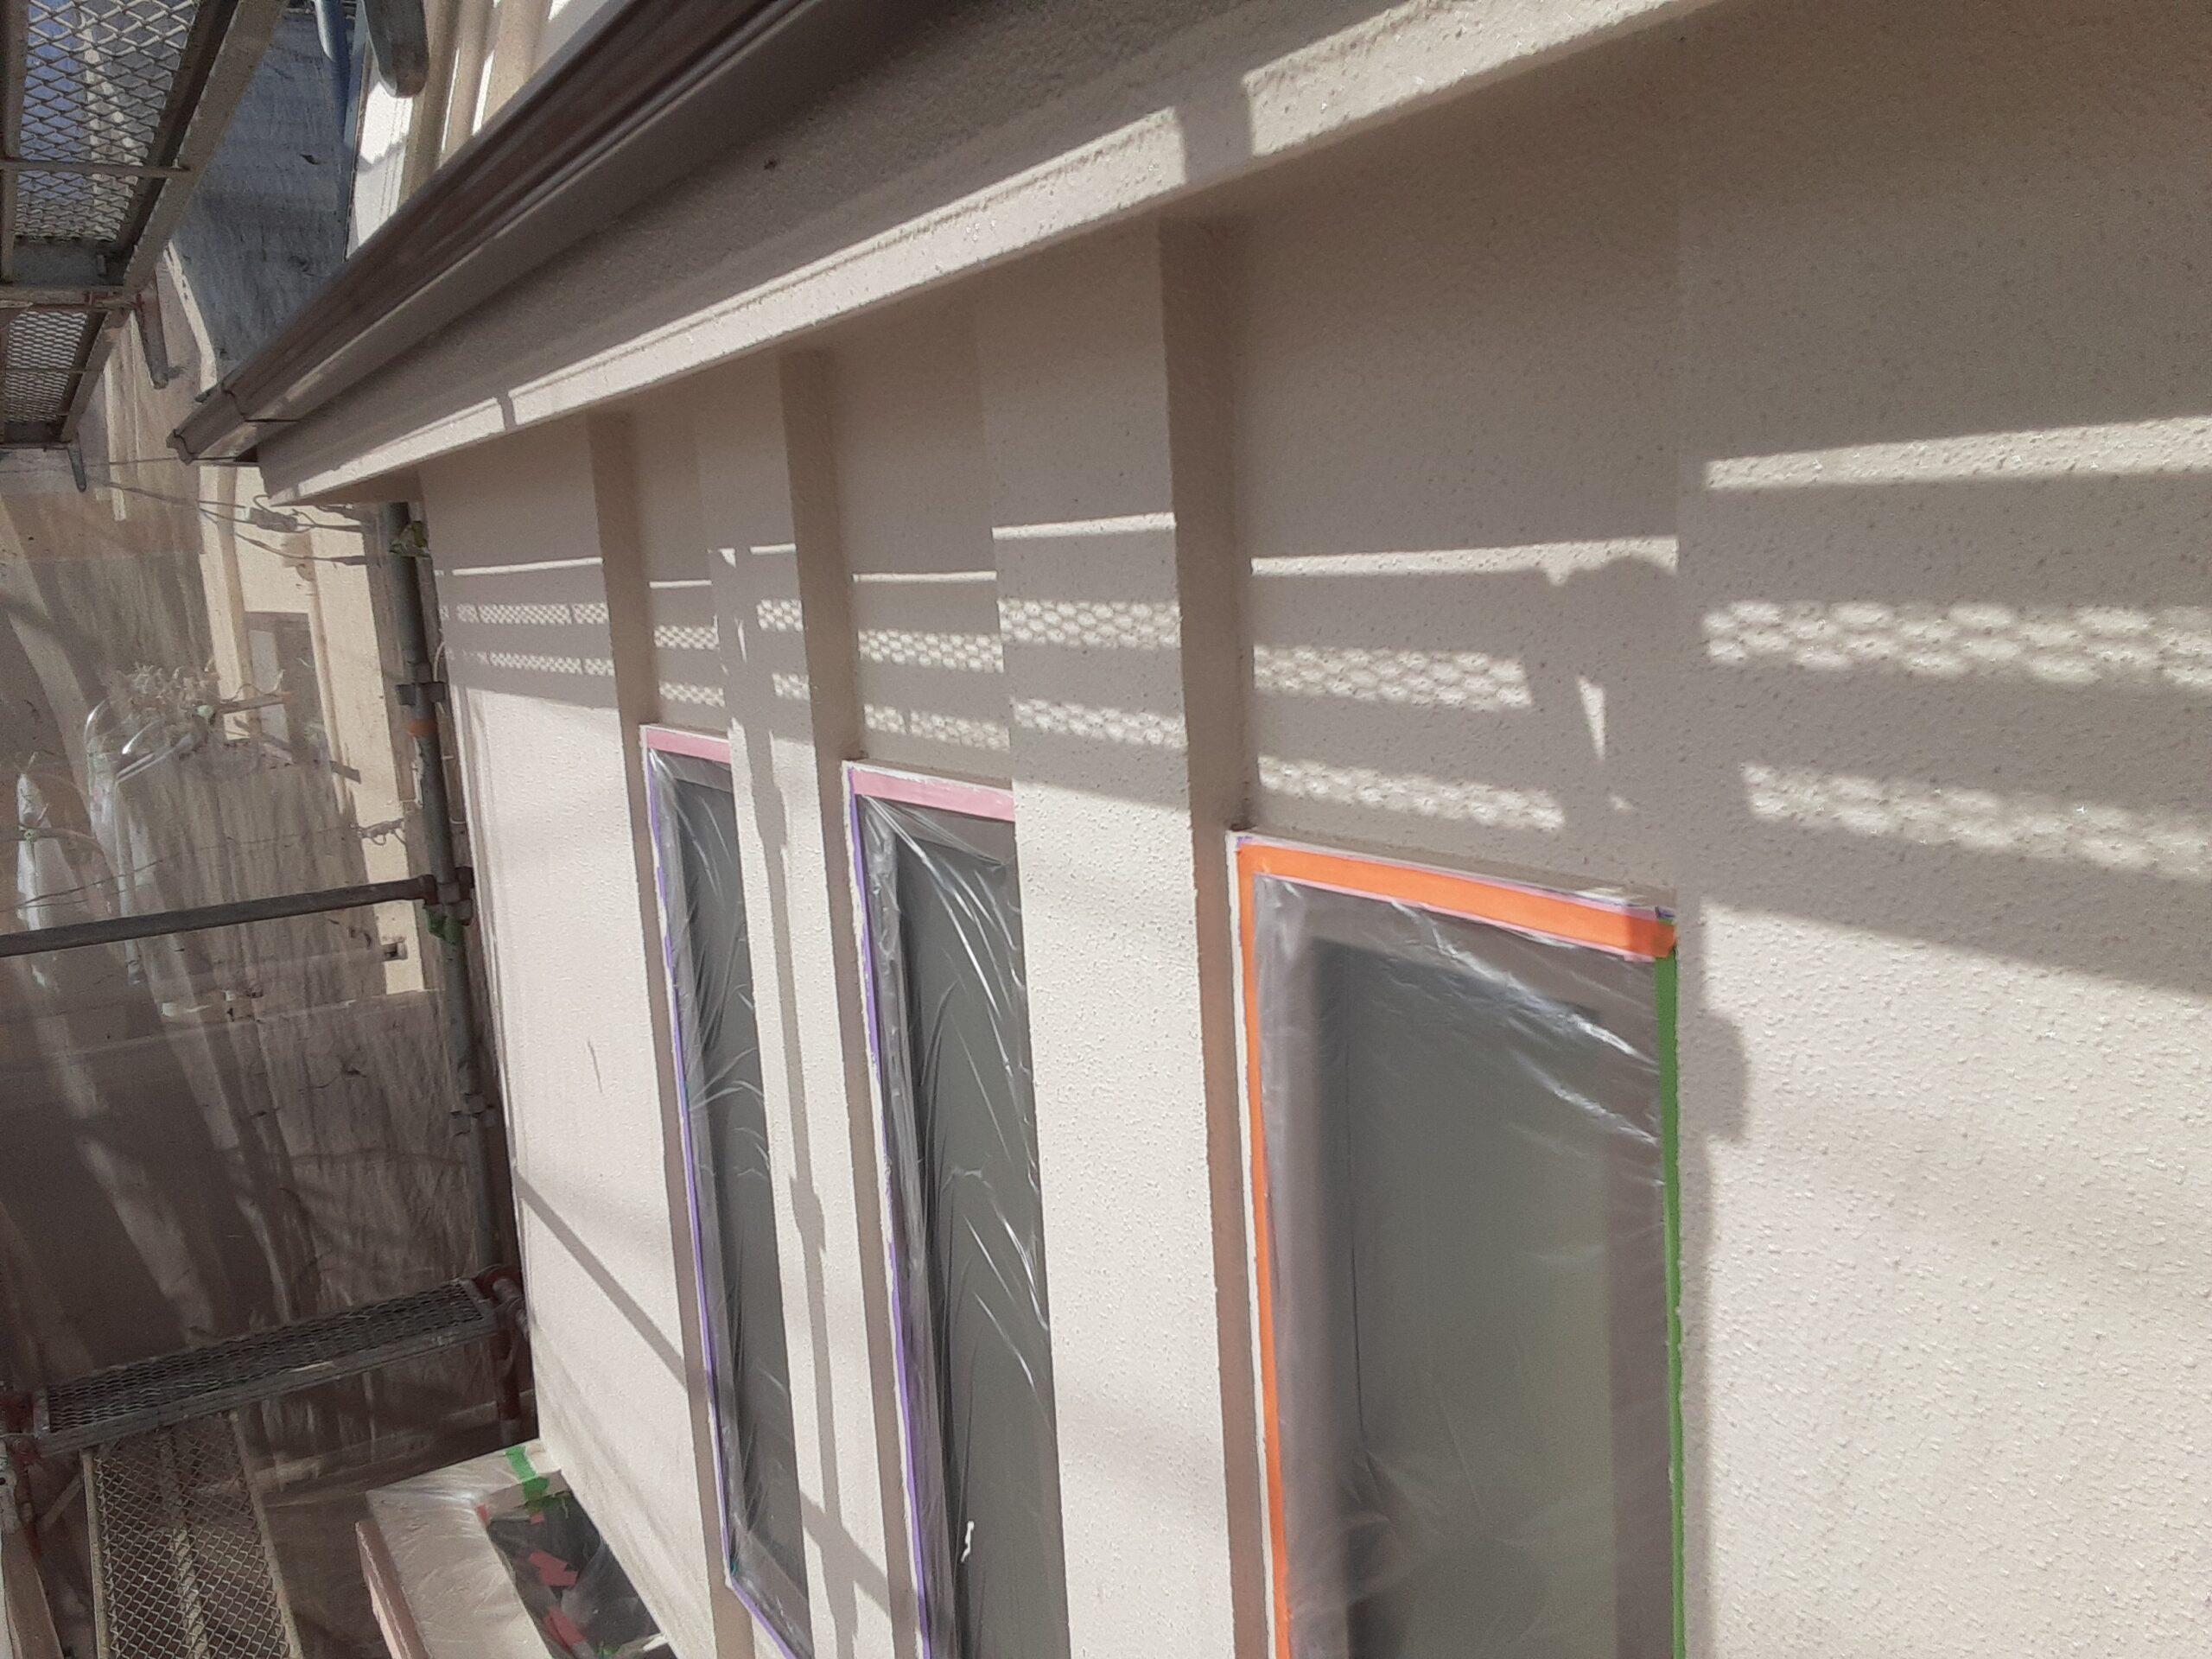 埼玉県さいたま市 外壁塗り替えリホーム/さいたま市大宮区の(木造2階建て)W様邸にて塗り替えリホーム中